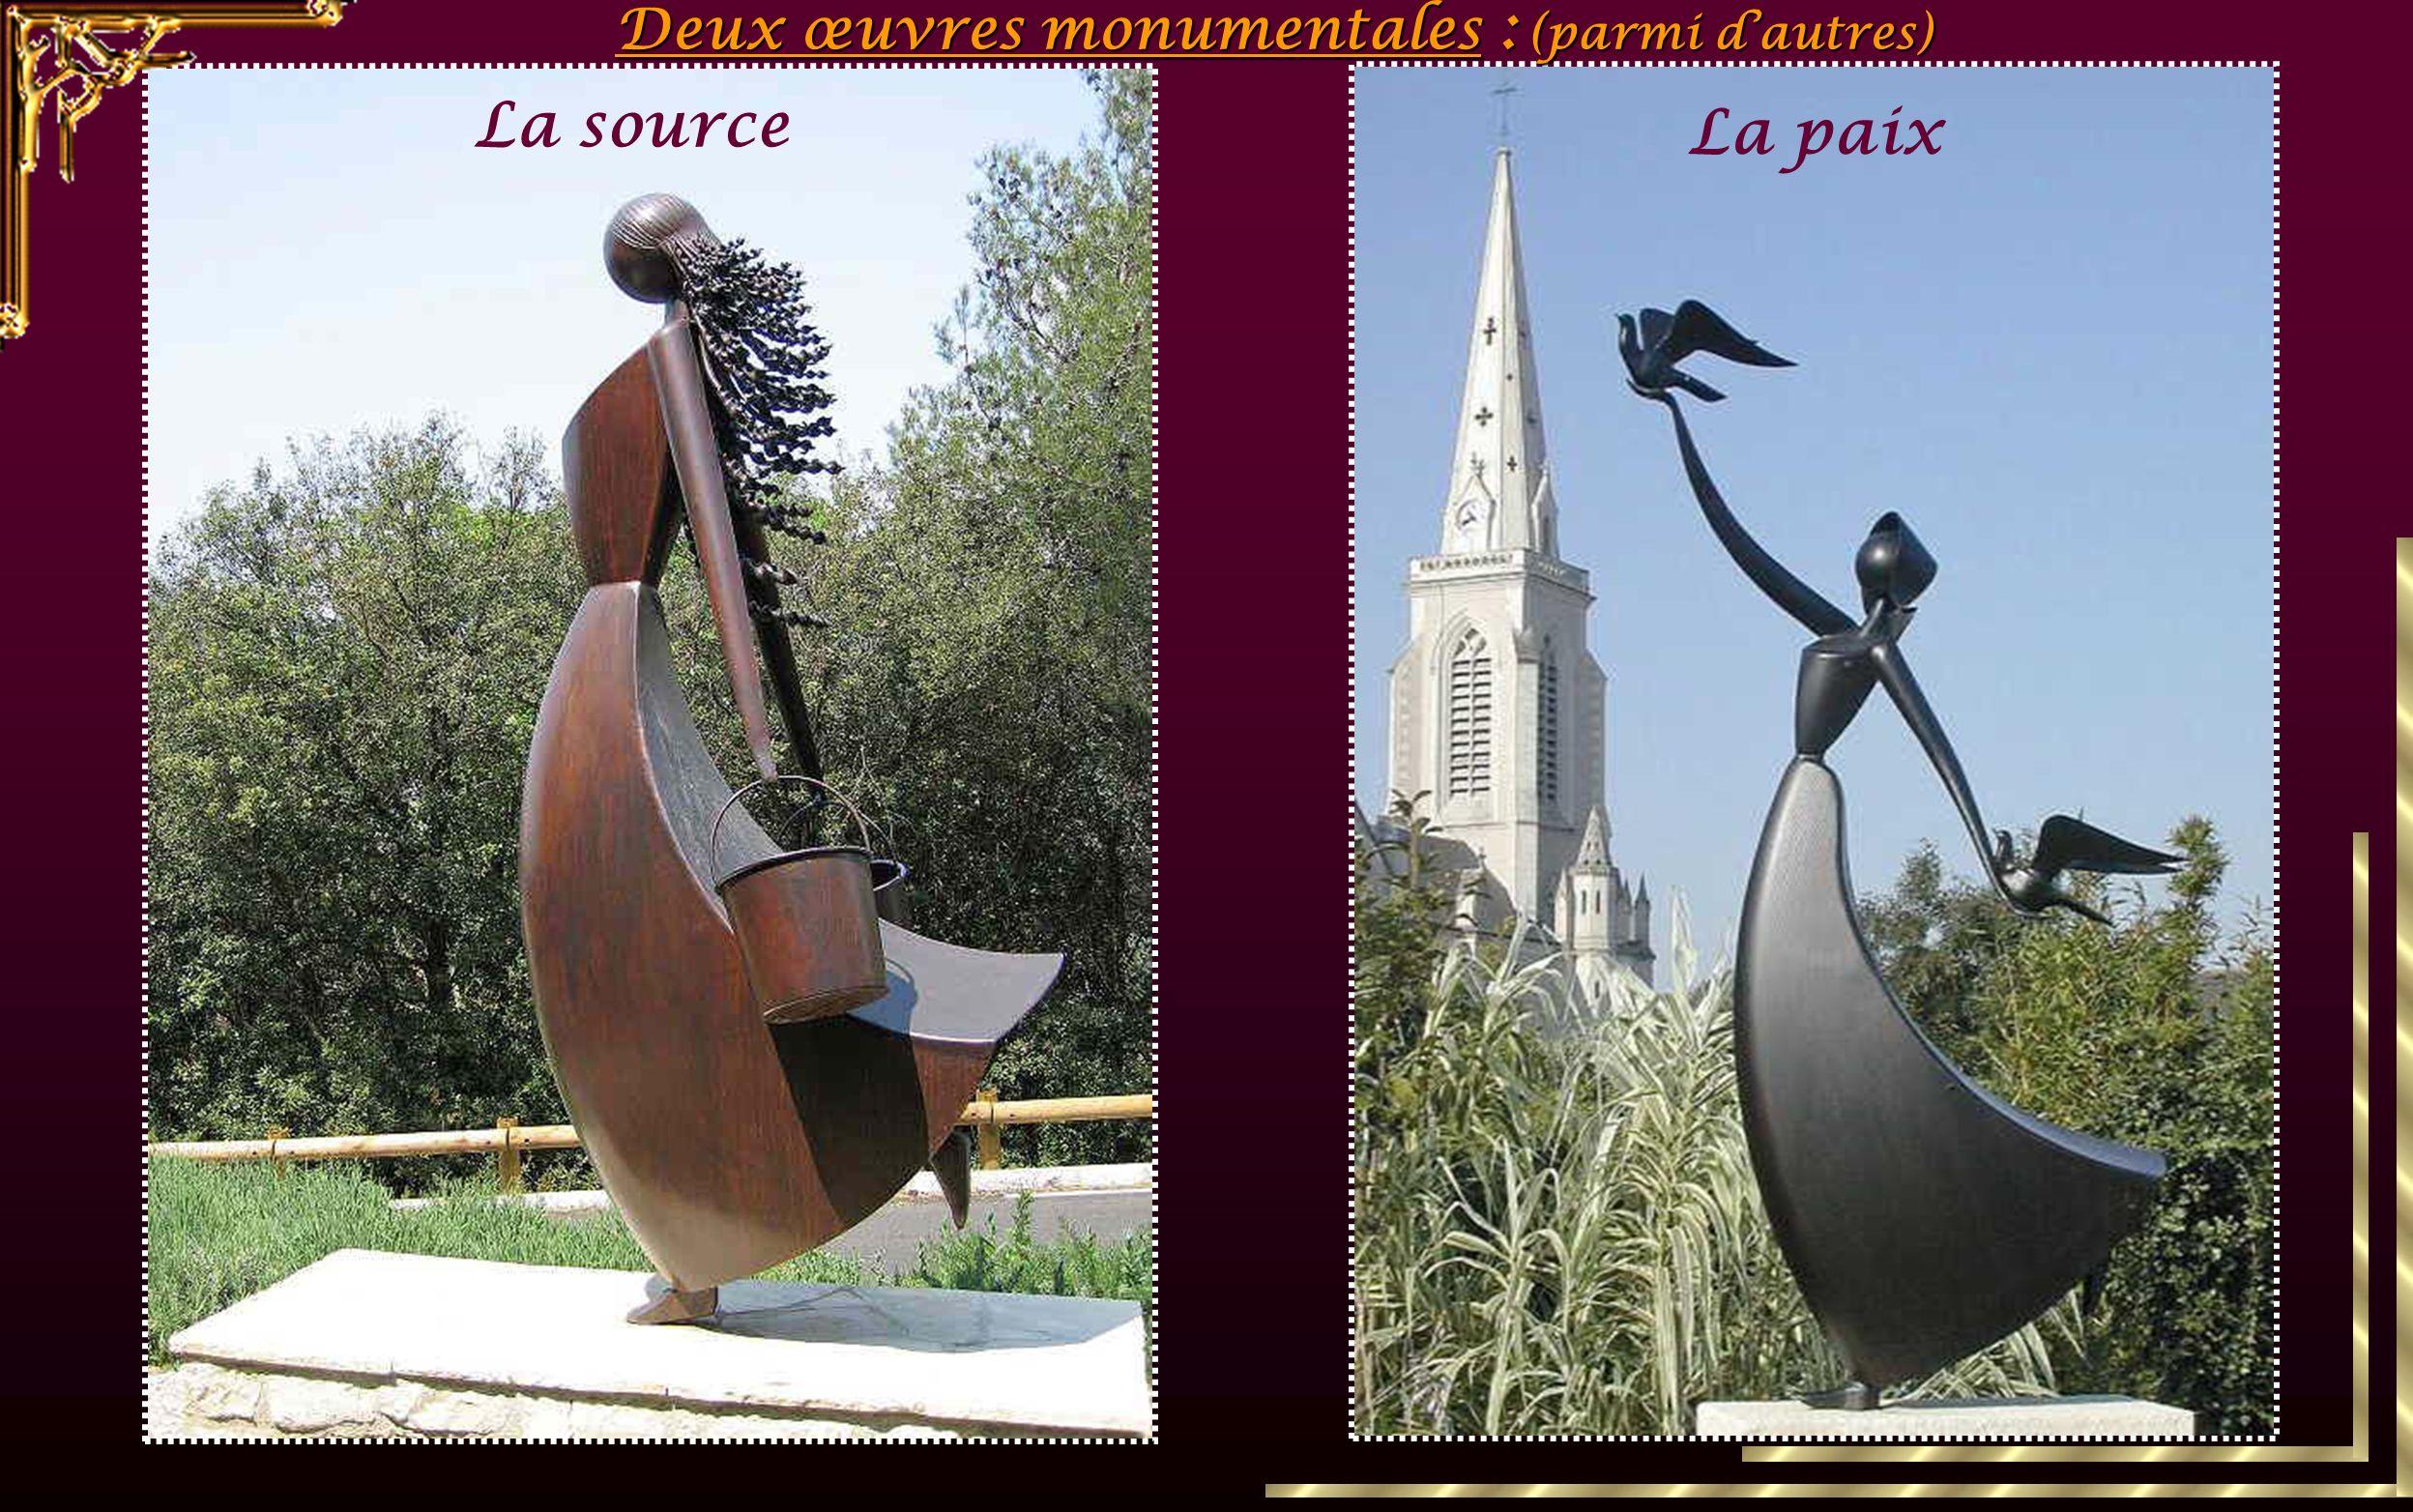 Deux œuvres monumentales : (parmi d'autres)